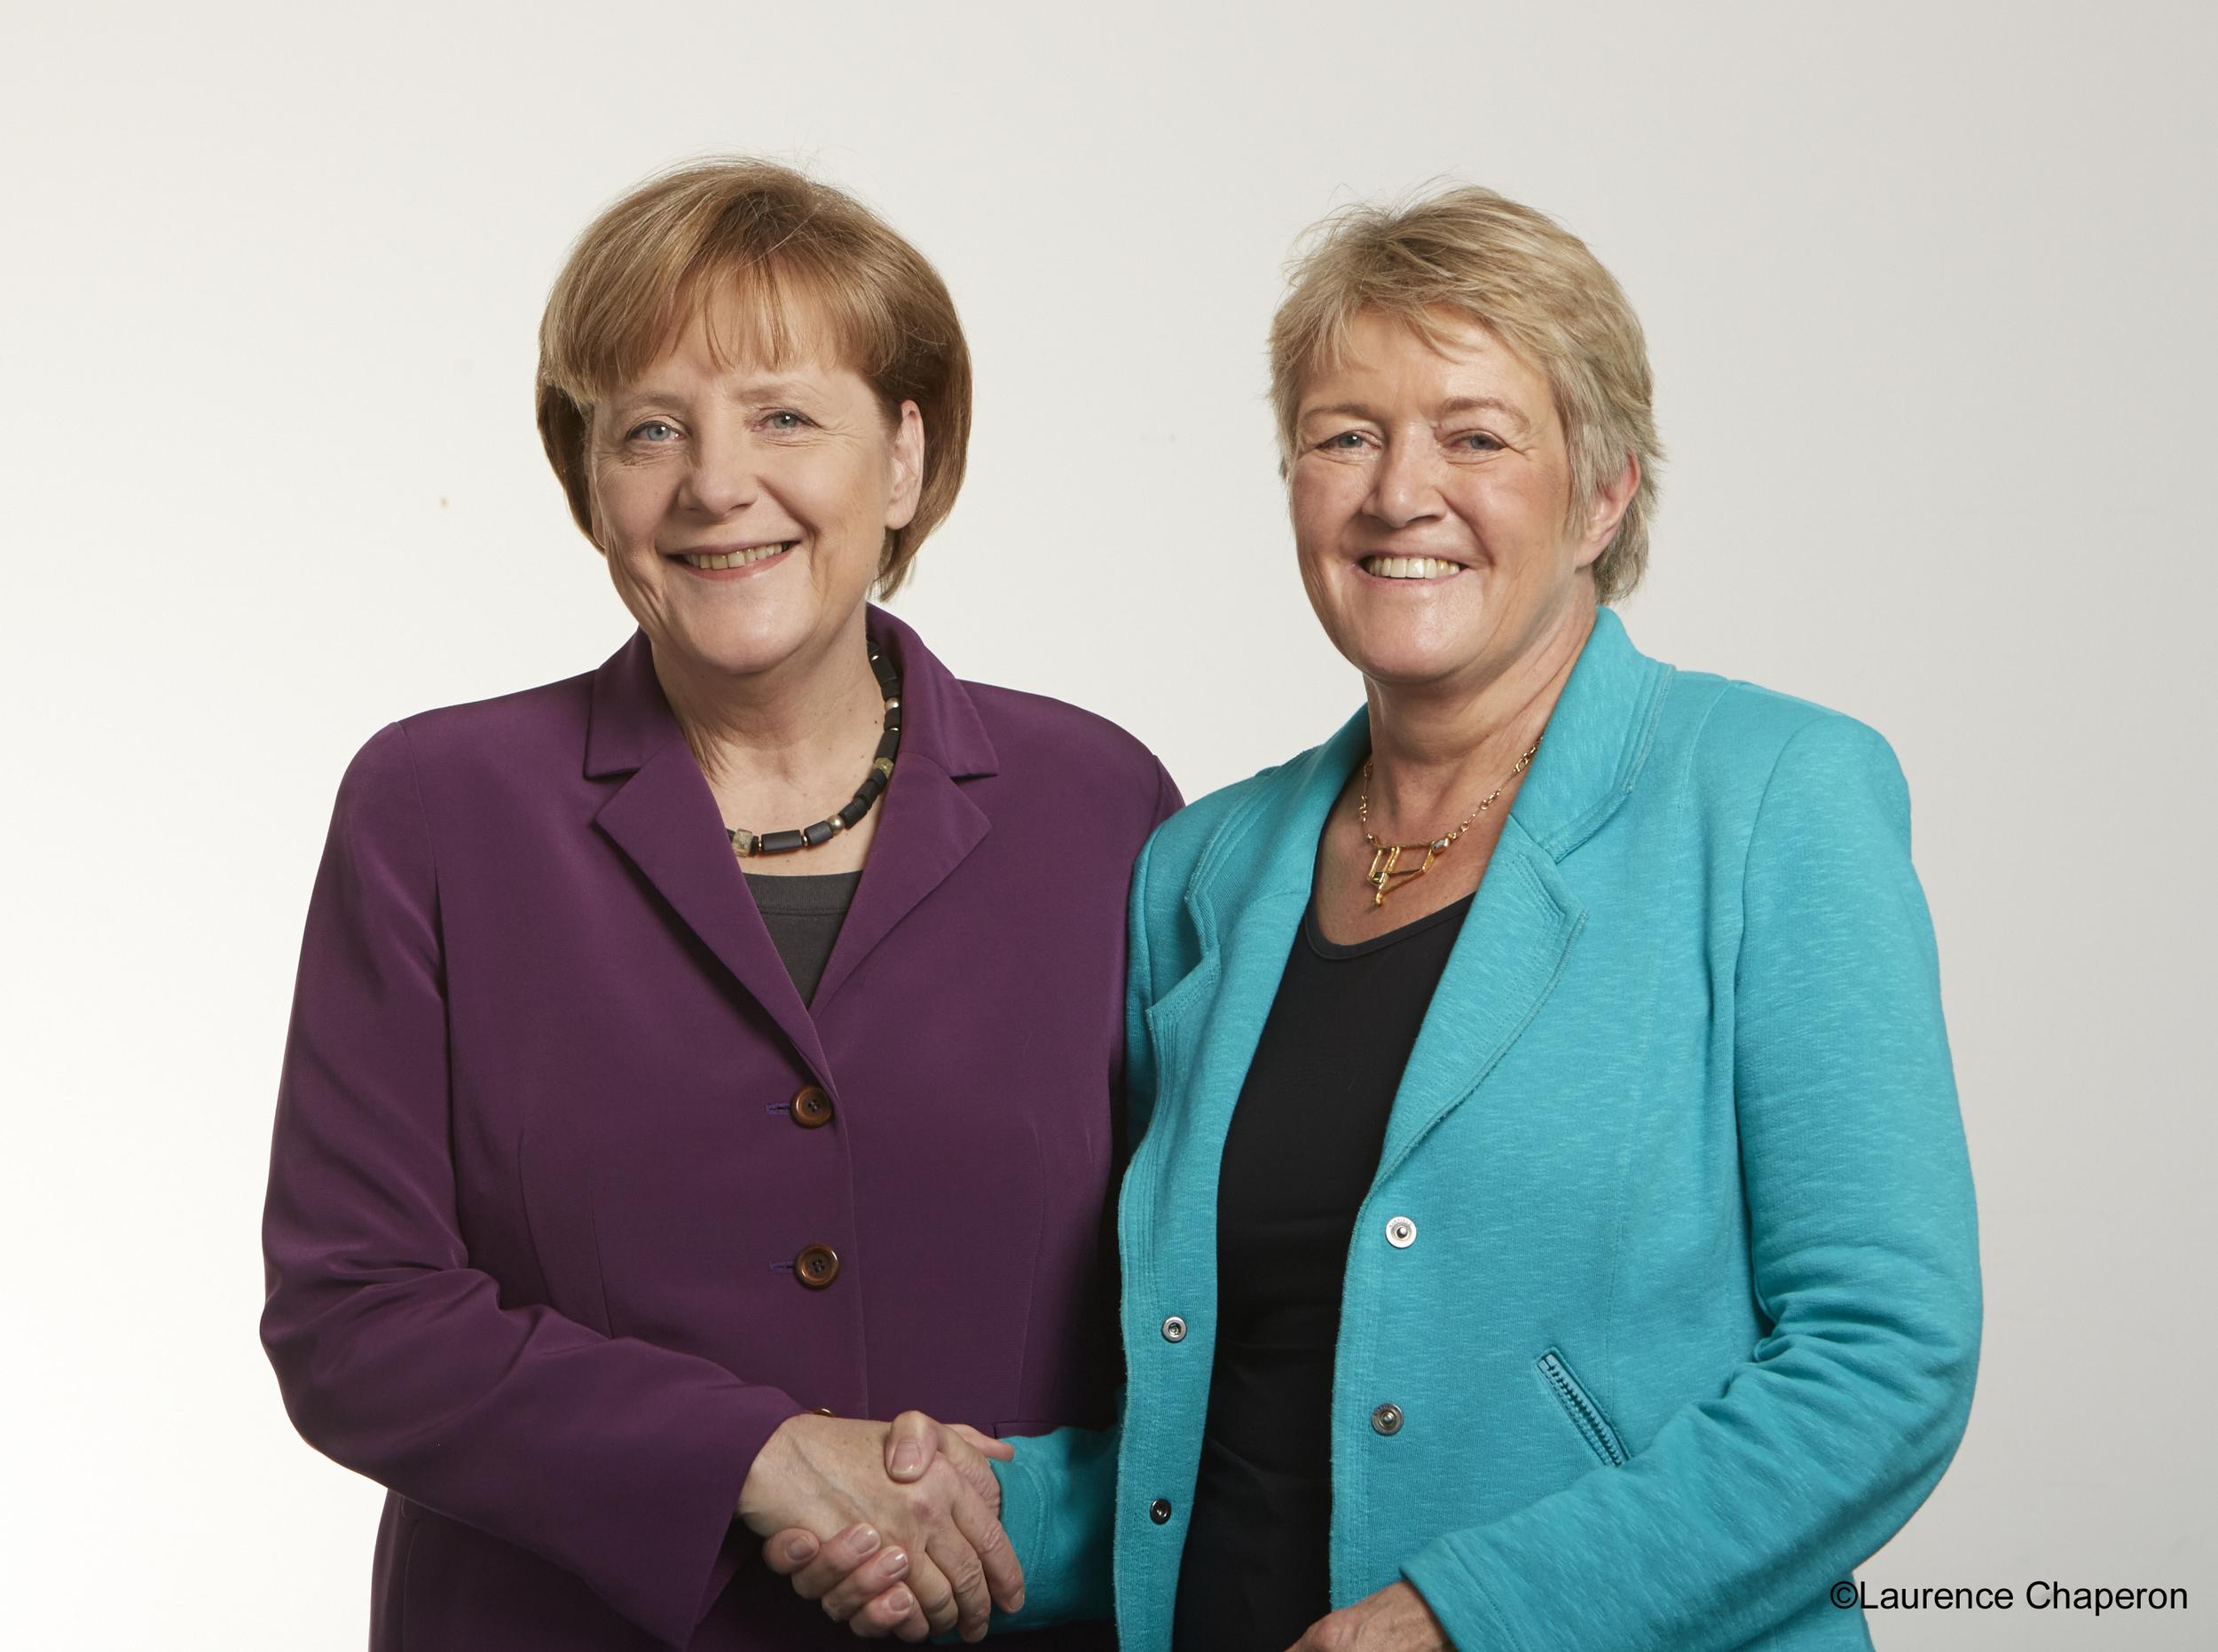 20140404_Europa_CDU_Merkel 0487 offizielles Foto co Laurence Chaperon Kopie.jpg